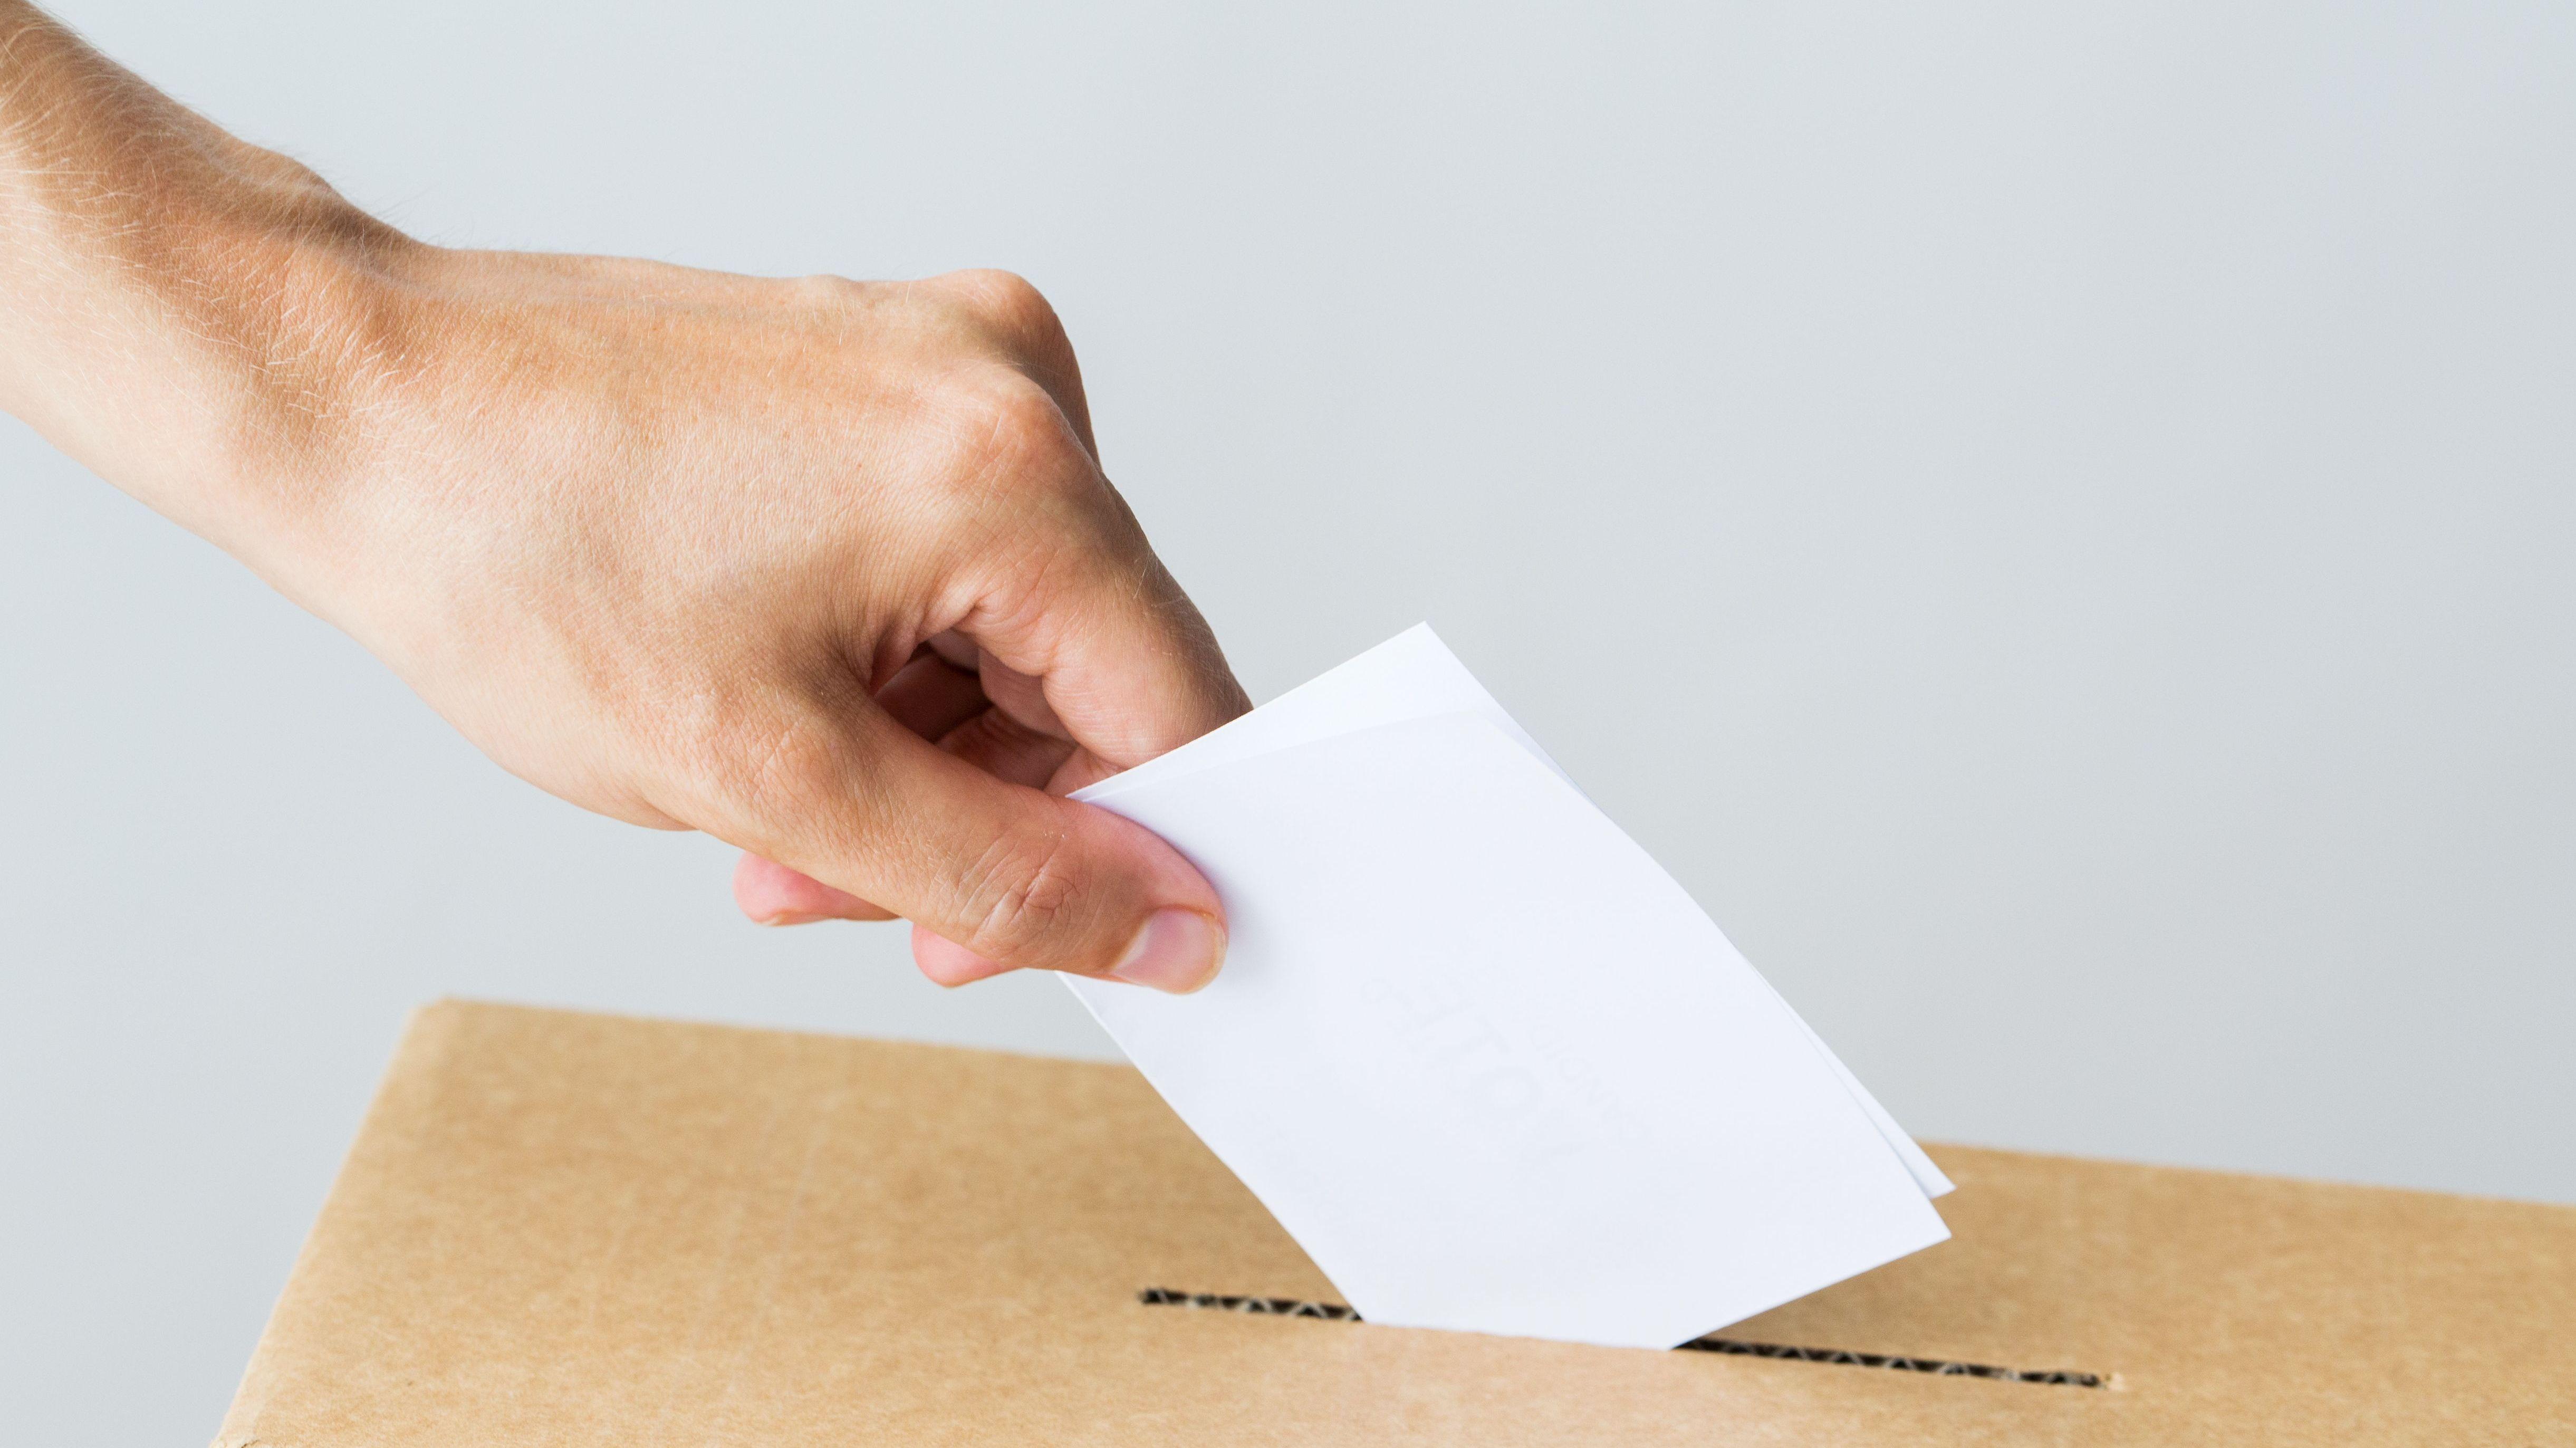 Einwurf eines Stimmzettels in die Wahlurne